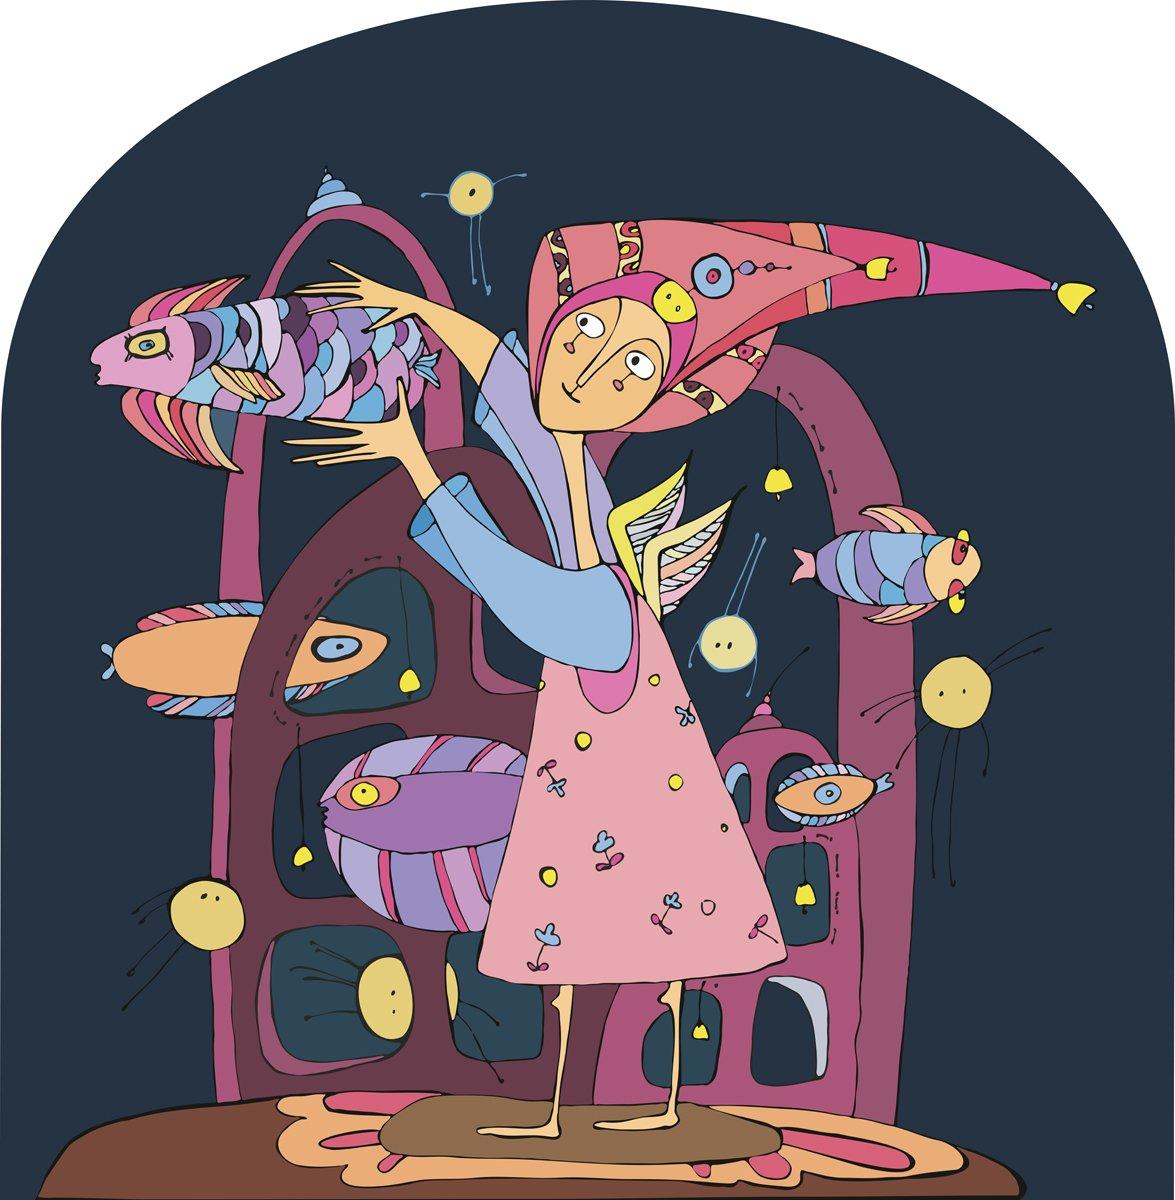 Постер Разные детские постеры Девушка в фиолетовом платье ловит темно-синие рыбы под водойРазные детские постеры<br>Постер на холсте или бумаге. Любого нужного вам размера. В раме или без. Подвес в комплекте. Трехслойная надежная упаковка. Доставим в любую точку России. Вам осталось только повесить картину на стену!<br>